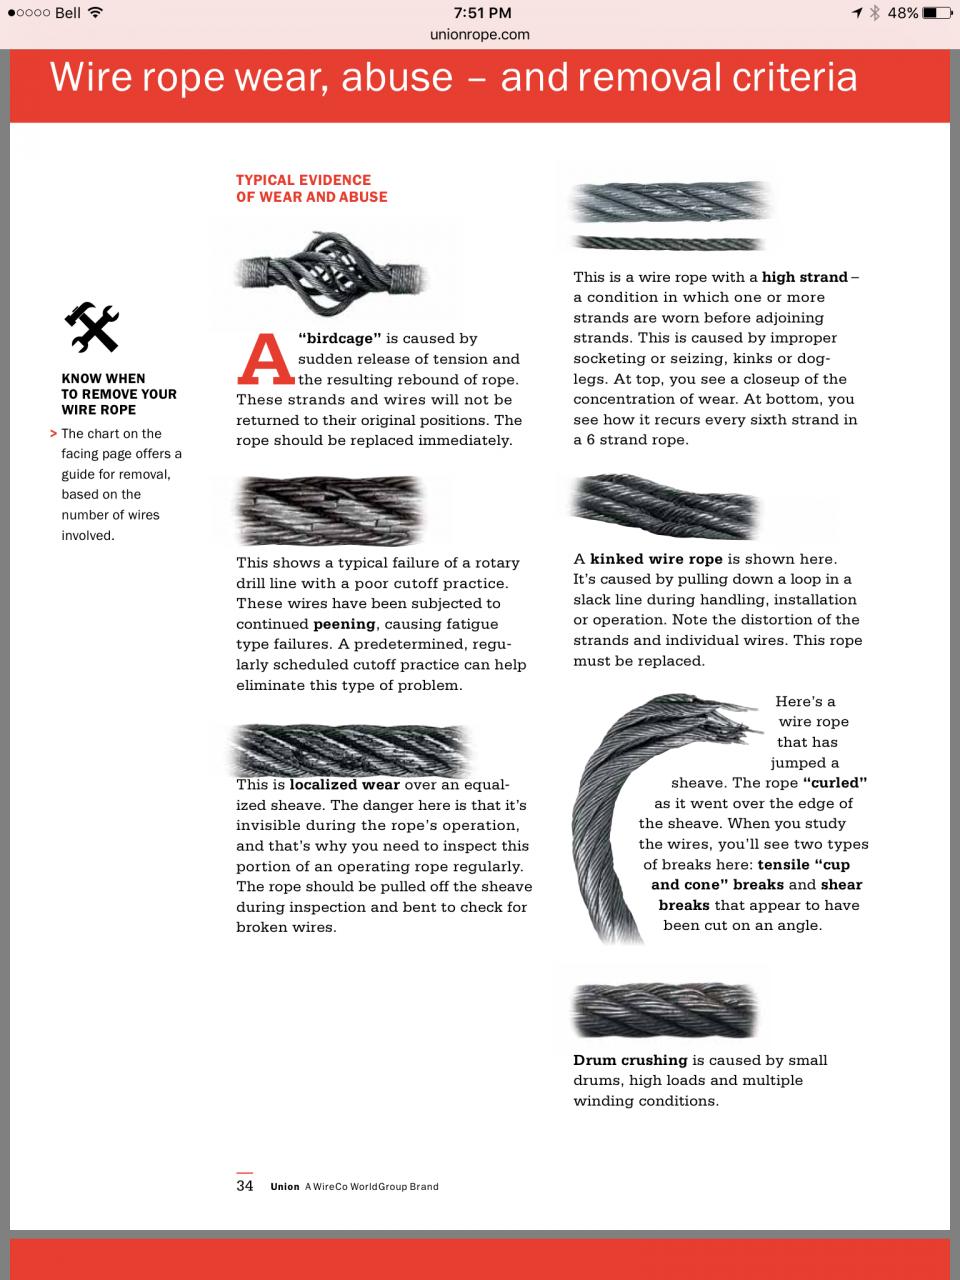 steel cable kinks | IH8MUD Forum